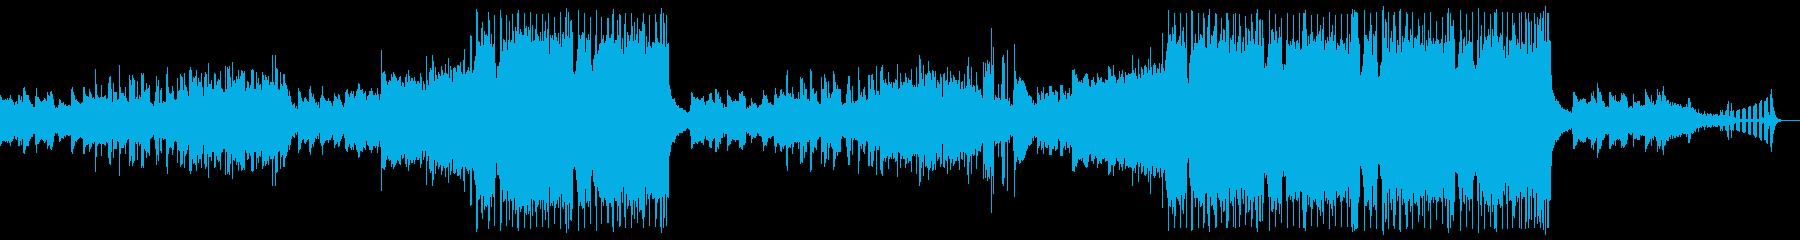 ノスタルジックなエレクトロミュージックの再生済みの波形